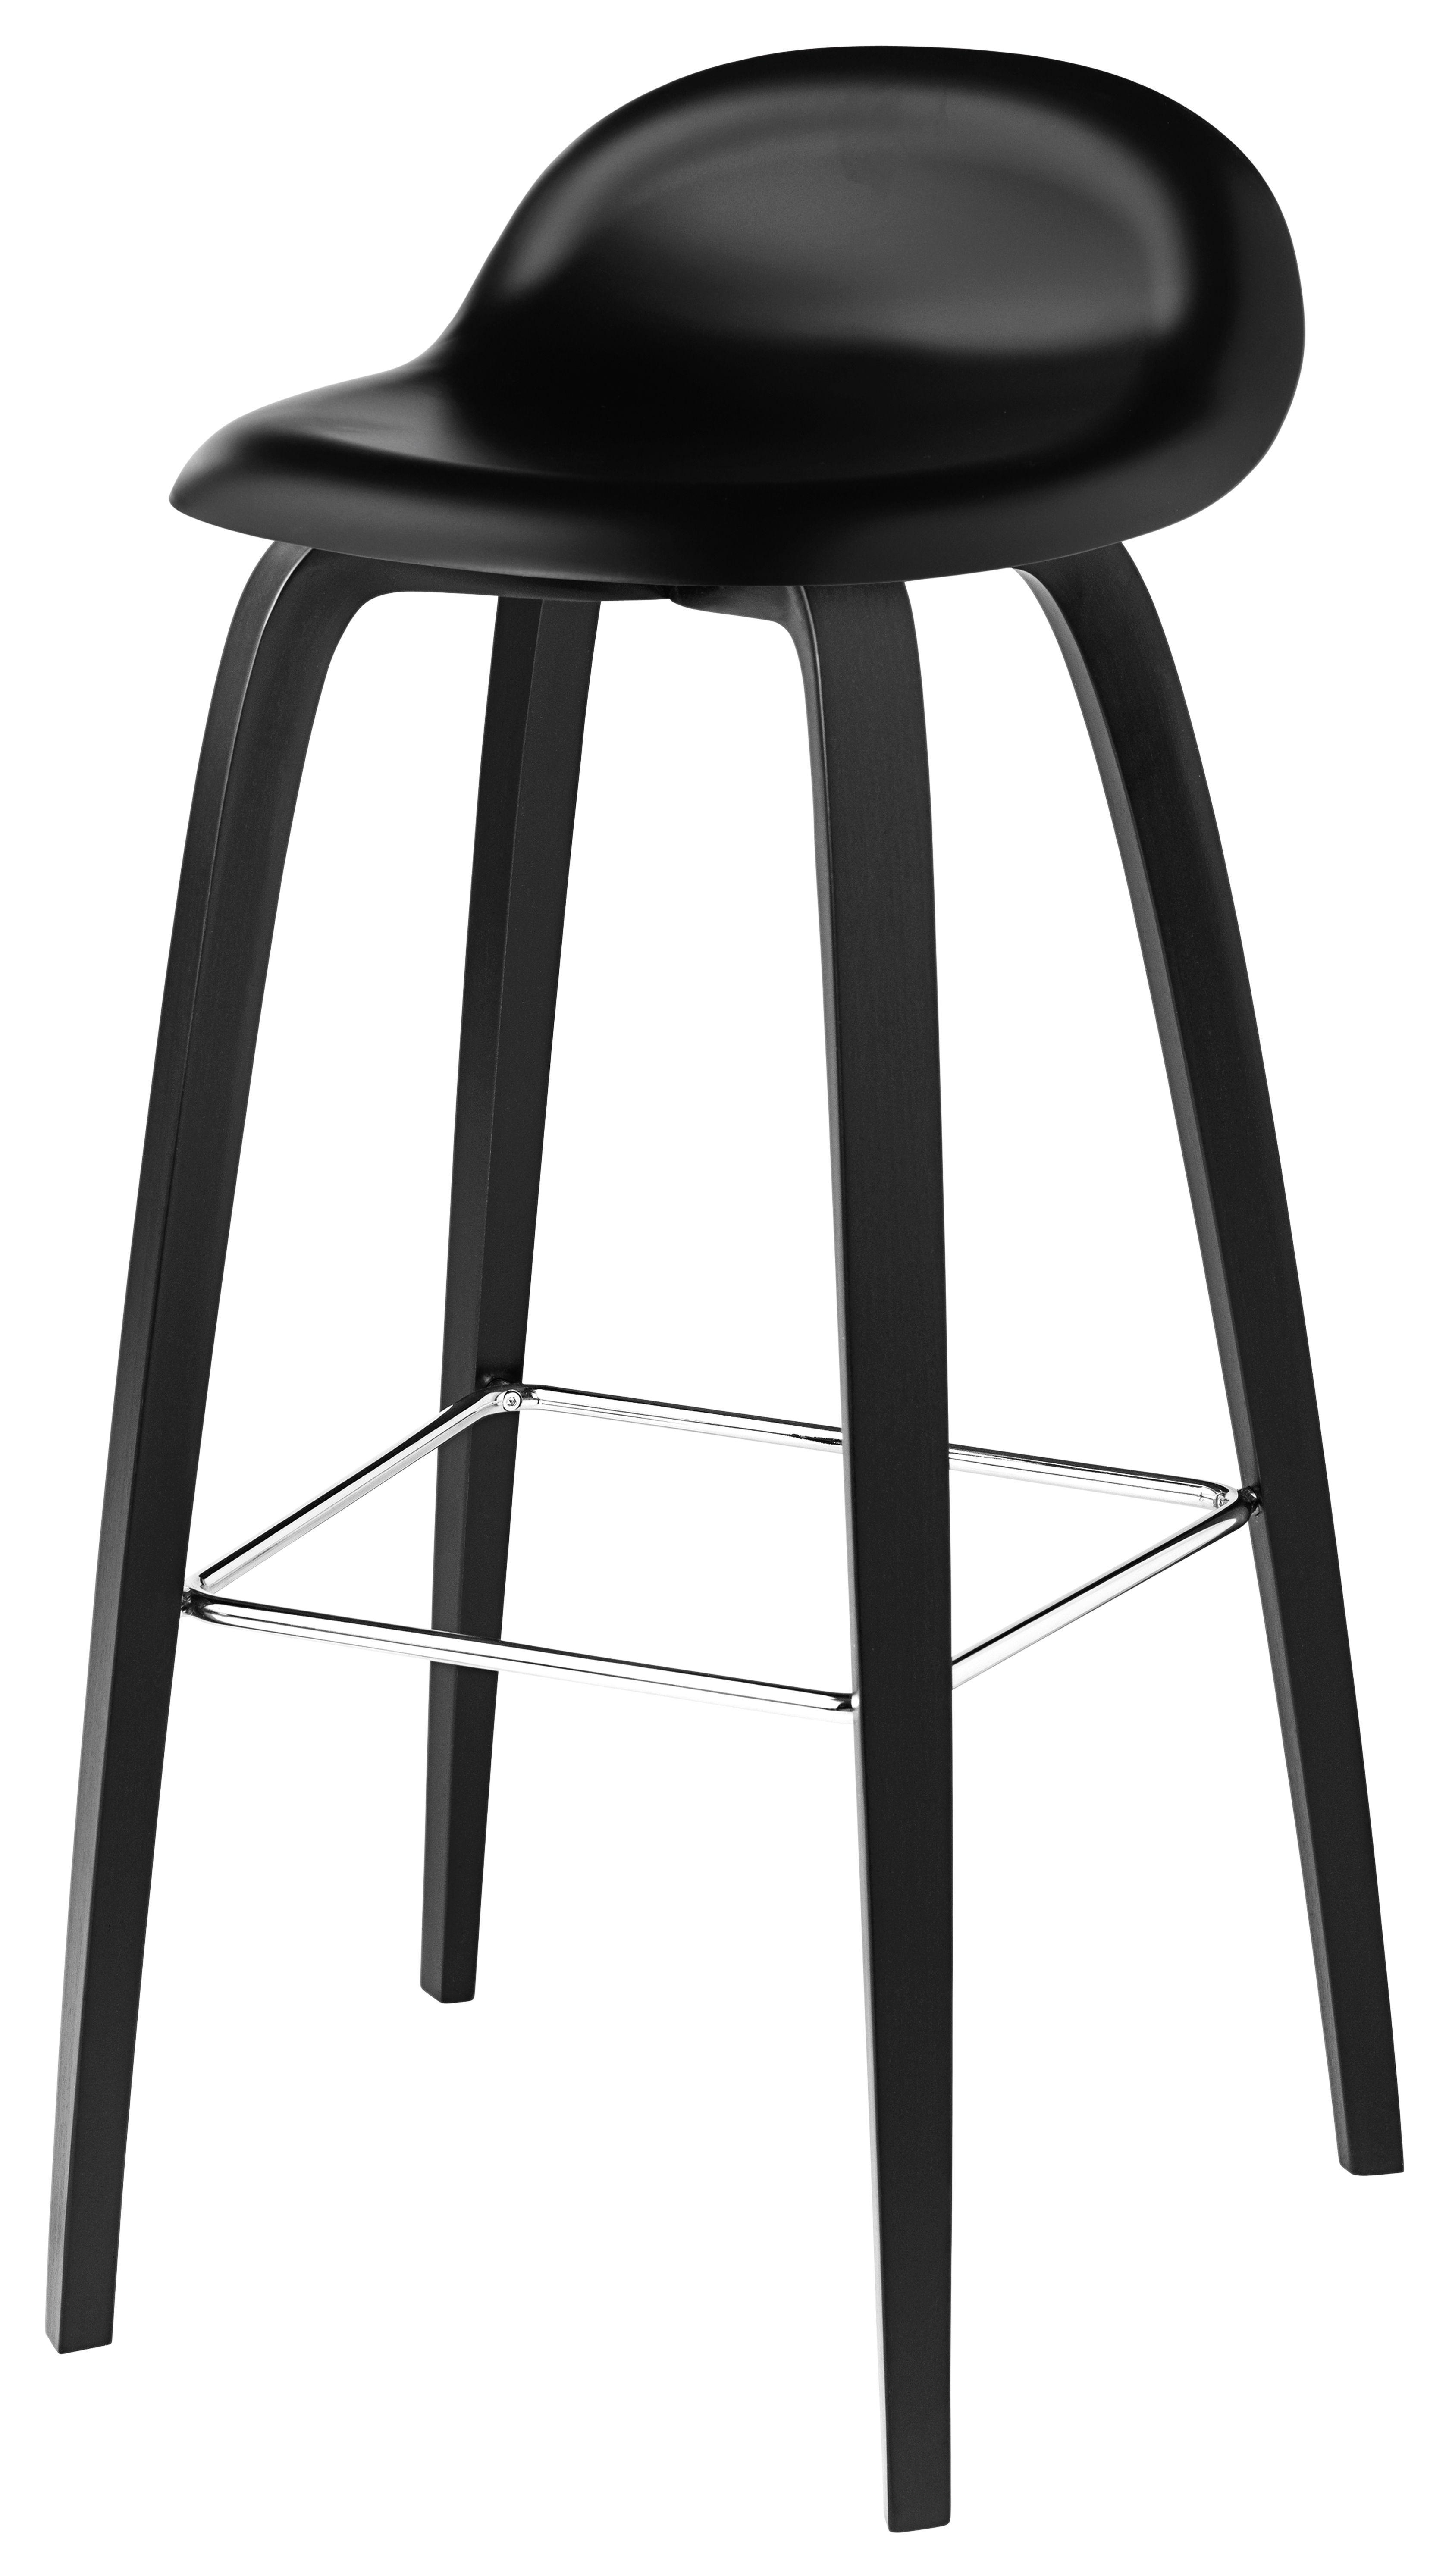 Mobilier - Tabourets de bar - Tabouret de bar 3D / H 75 cm - Coque plastique & 4 pieds bois - Gubi - Noir / Piètement noir - Bois peint, Polymère